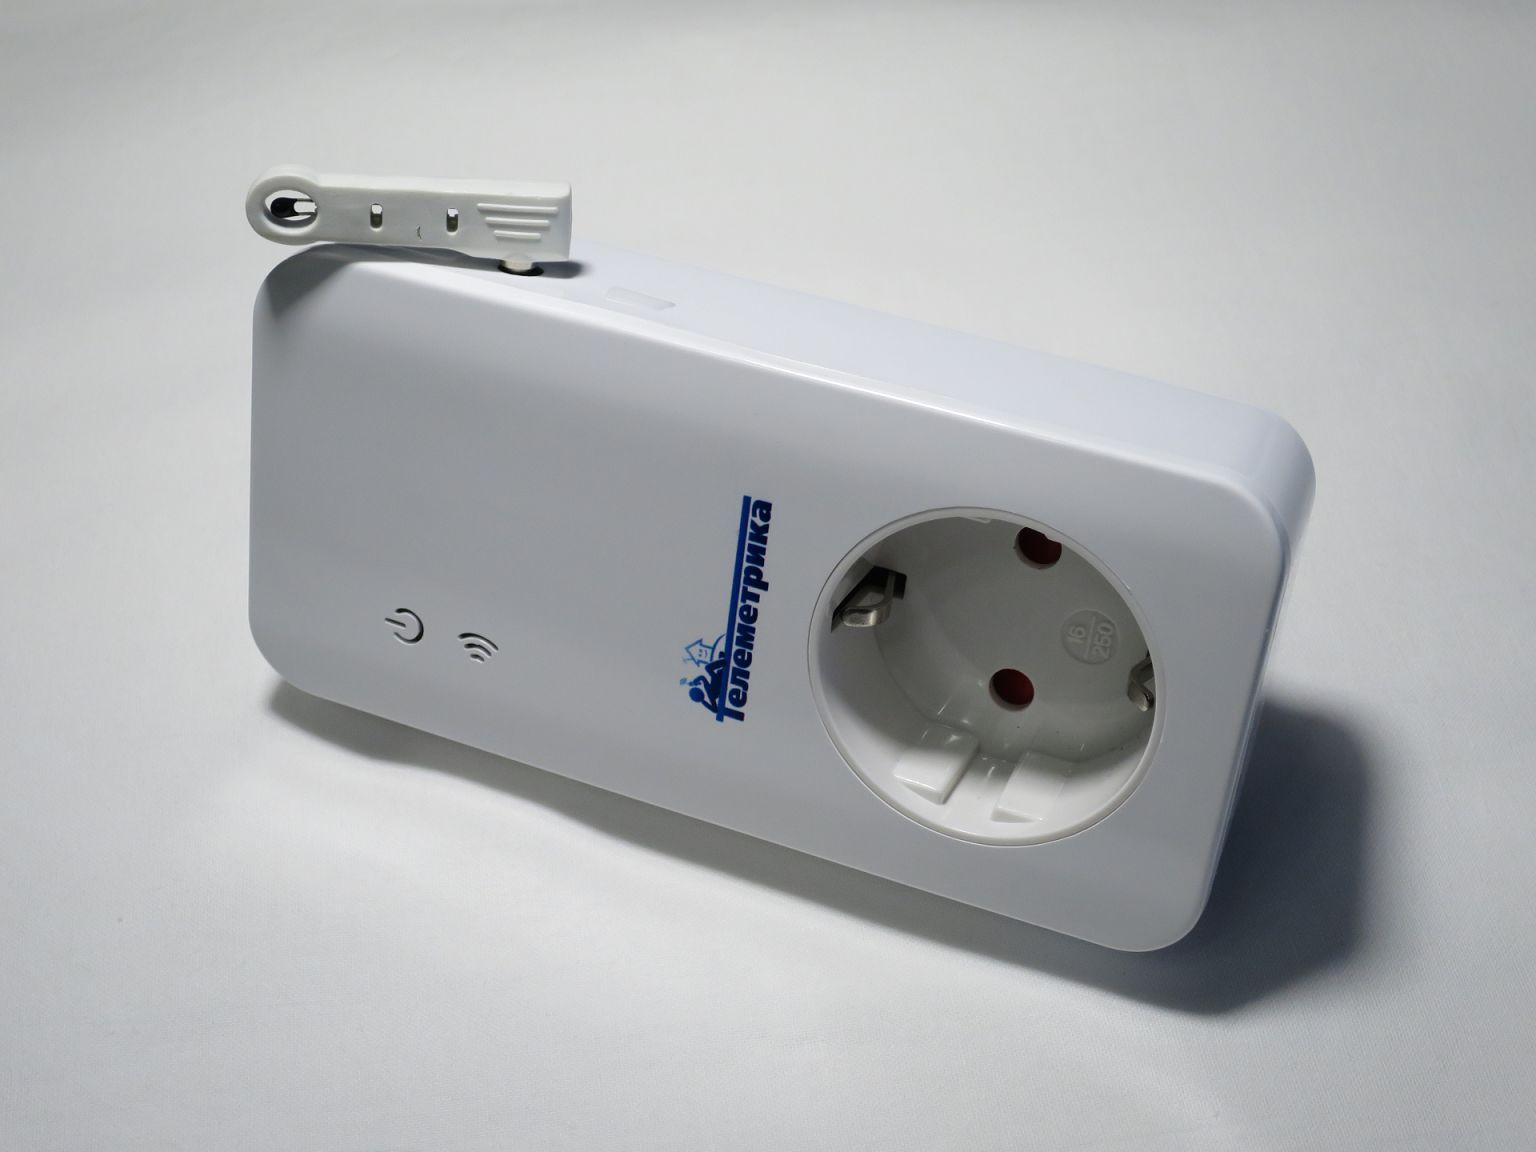 Умная GSM розетка Телеметрика. Установка температурного датчика.